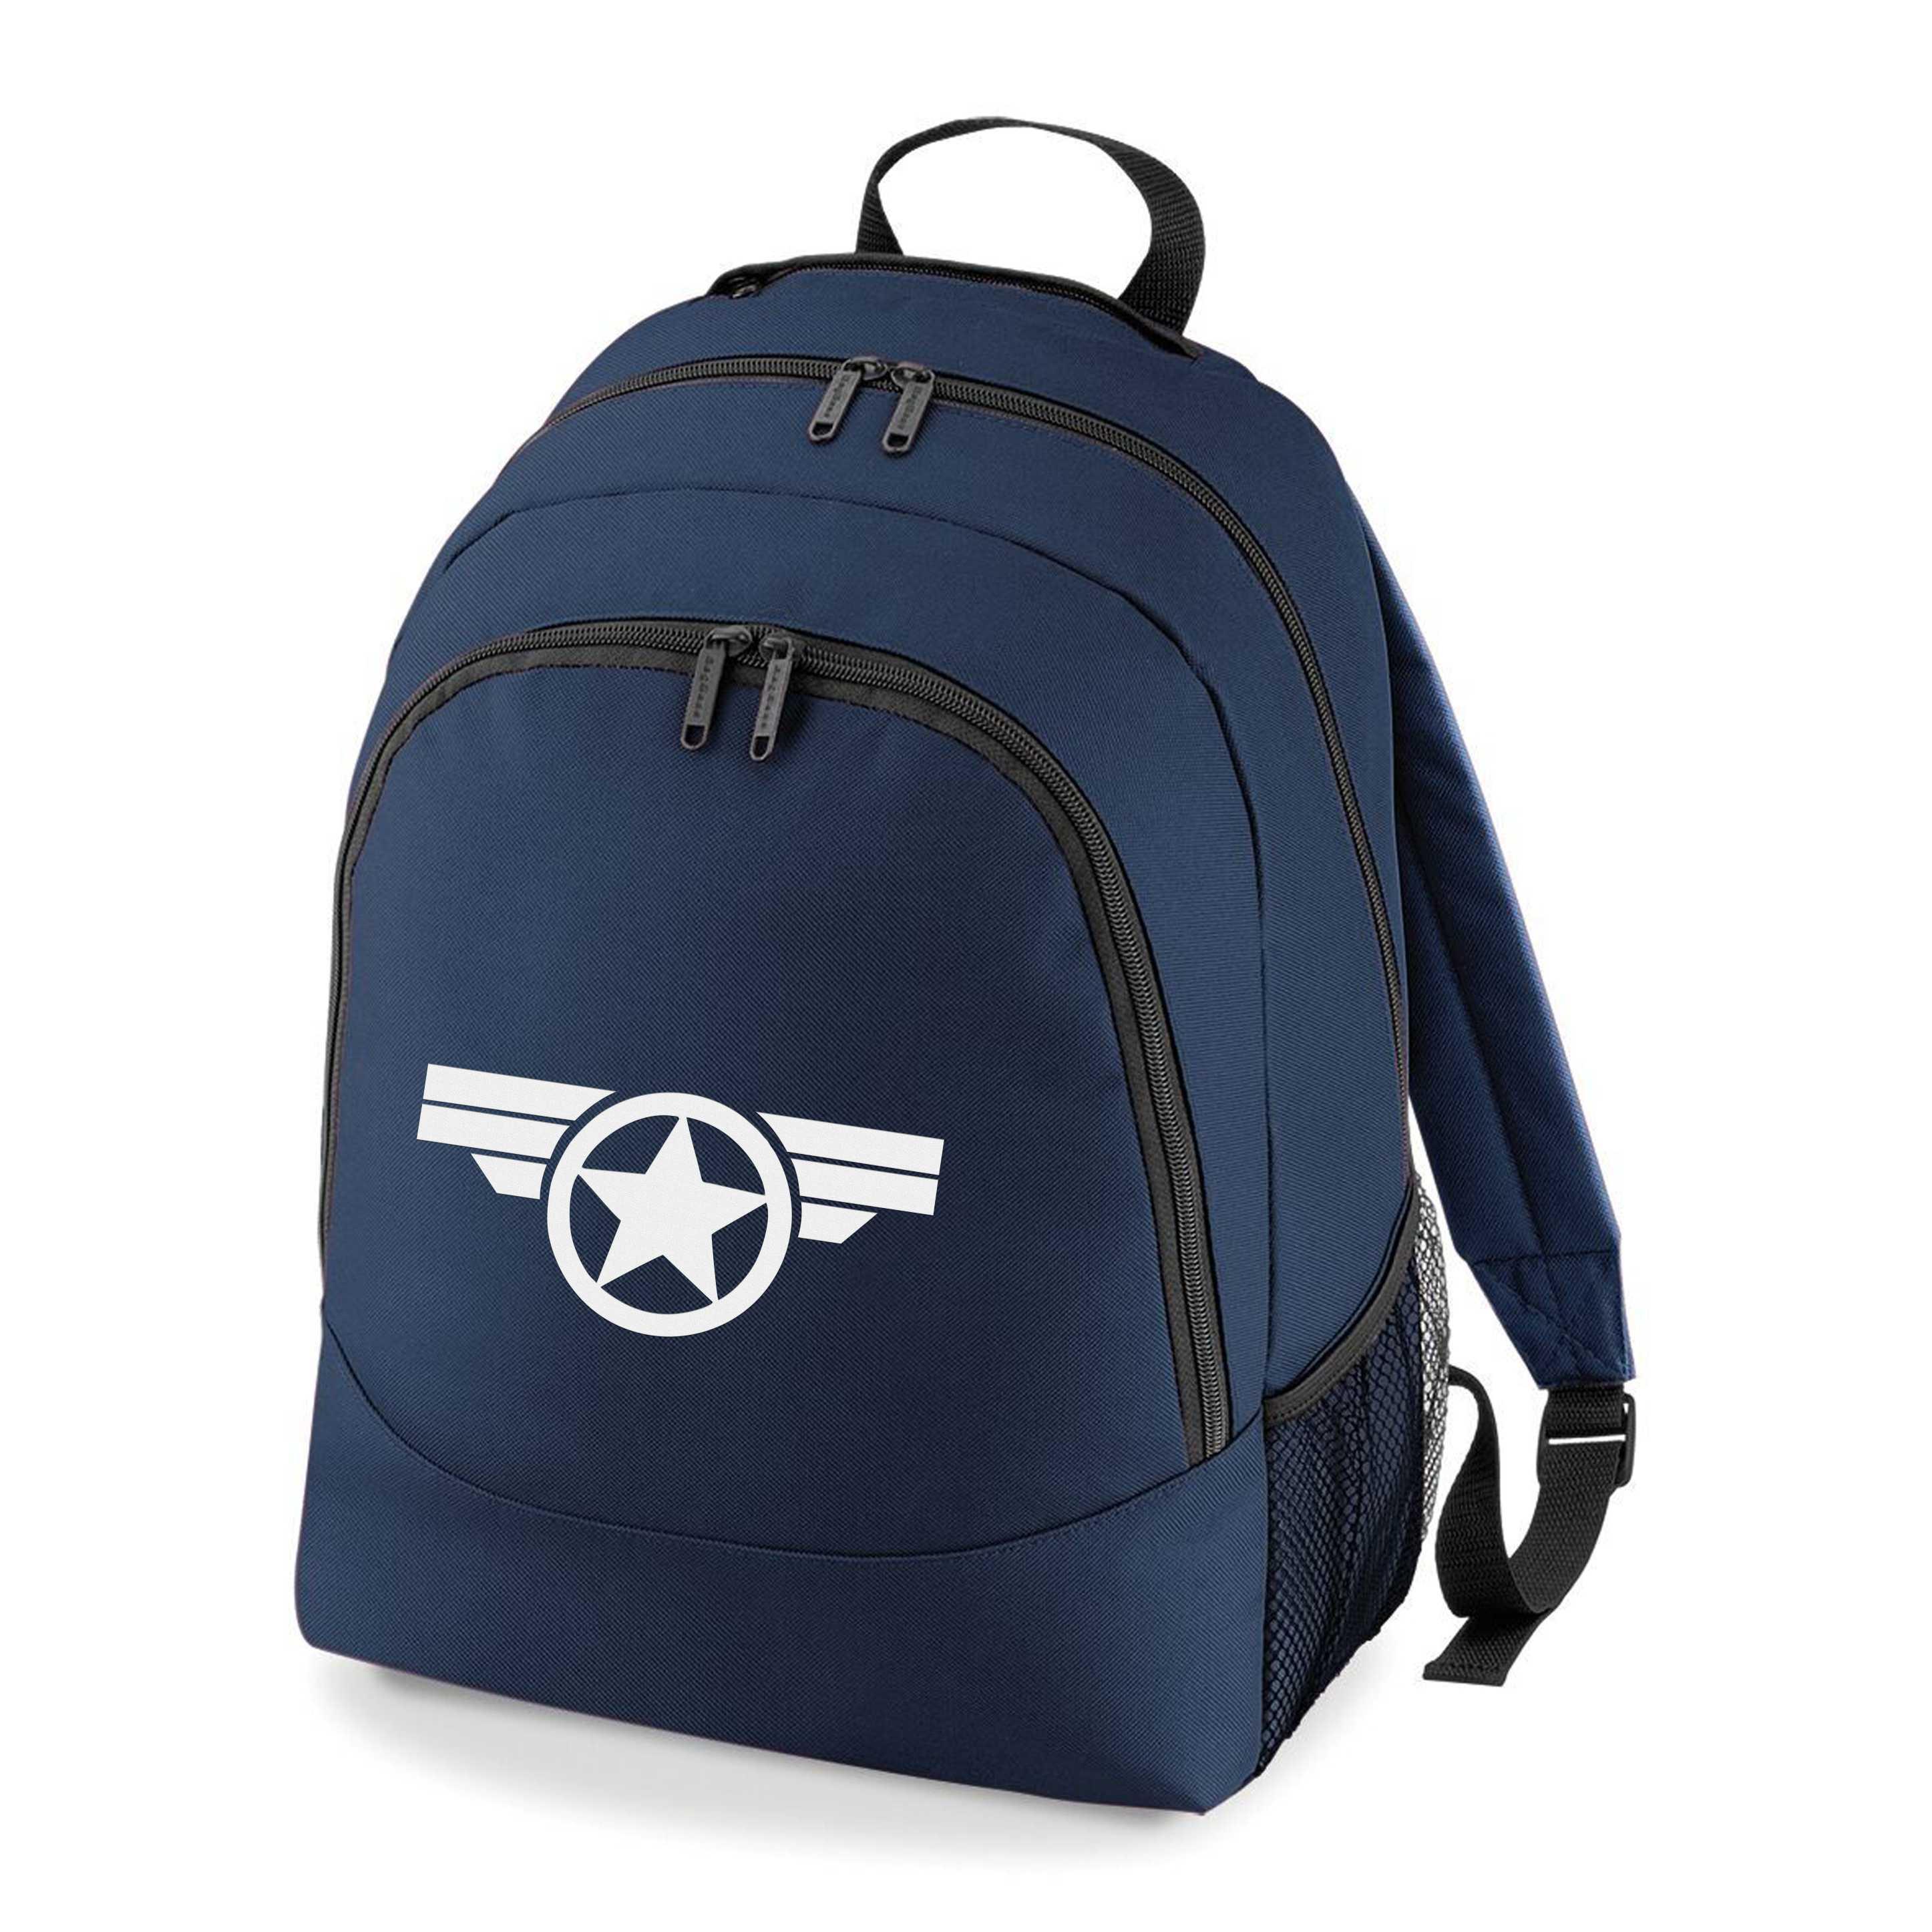 Captain America Rucksack Bag